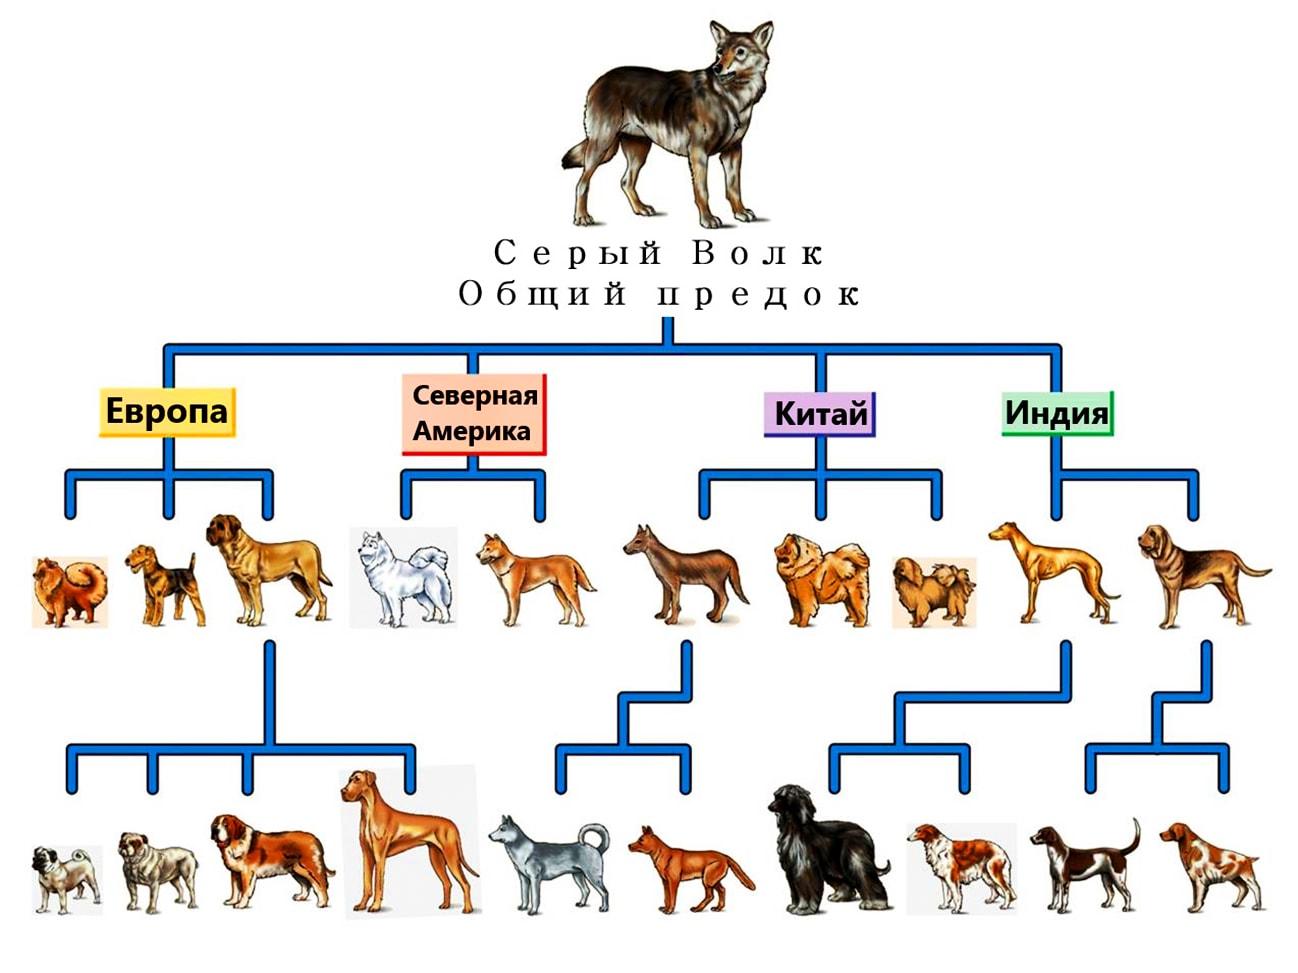 Волк серый - общий предок домашних собак